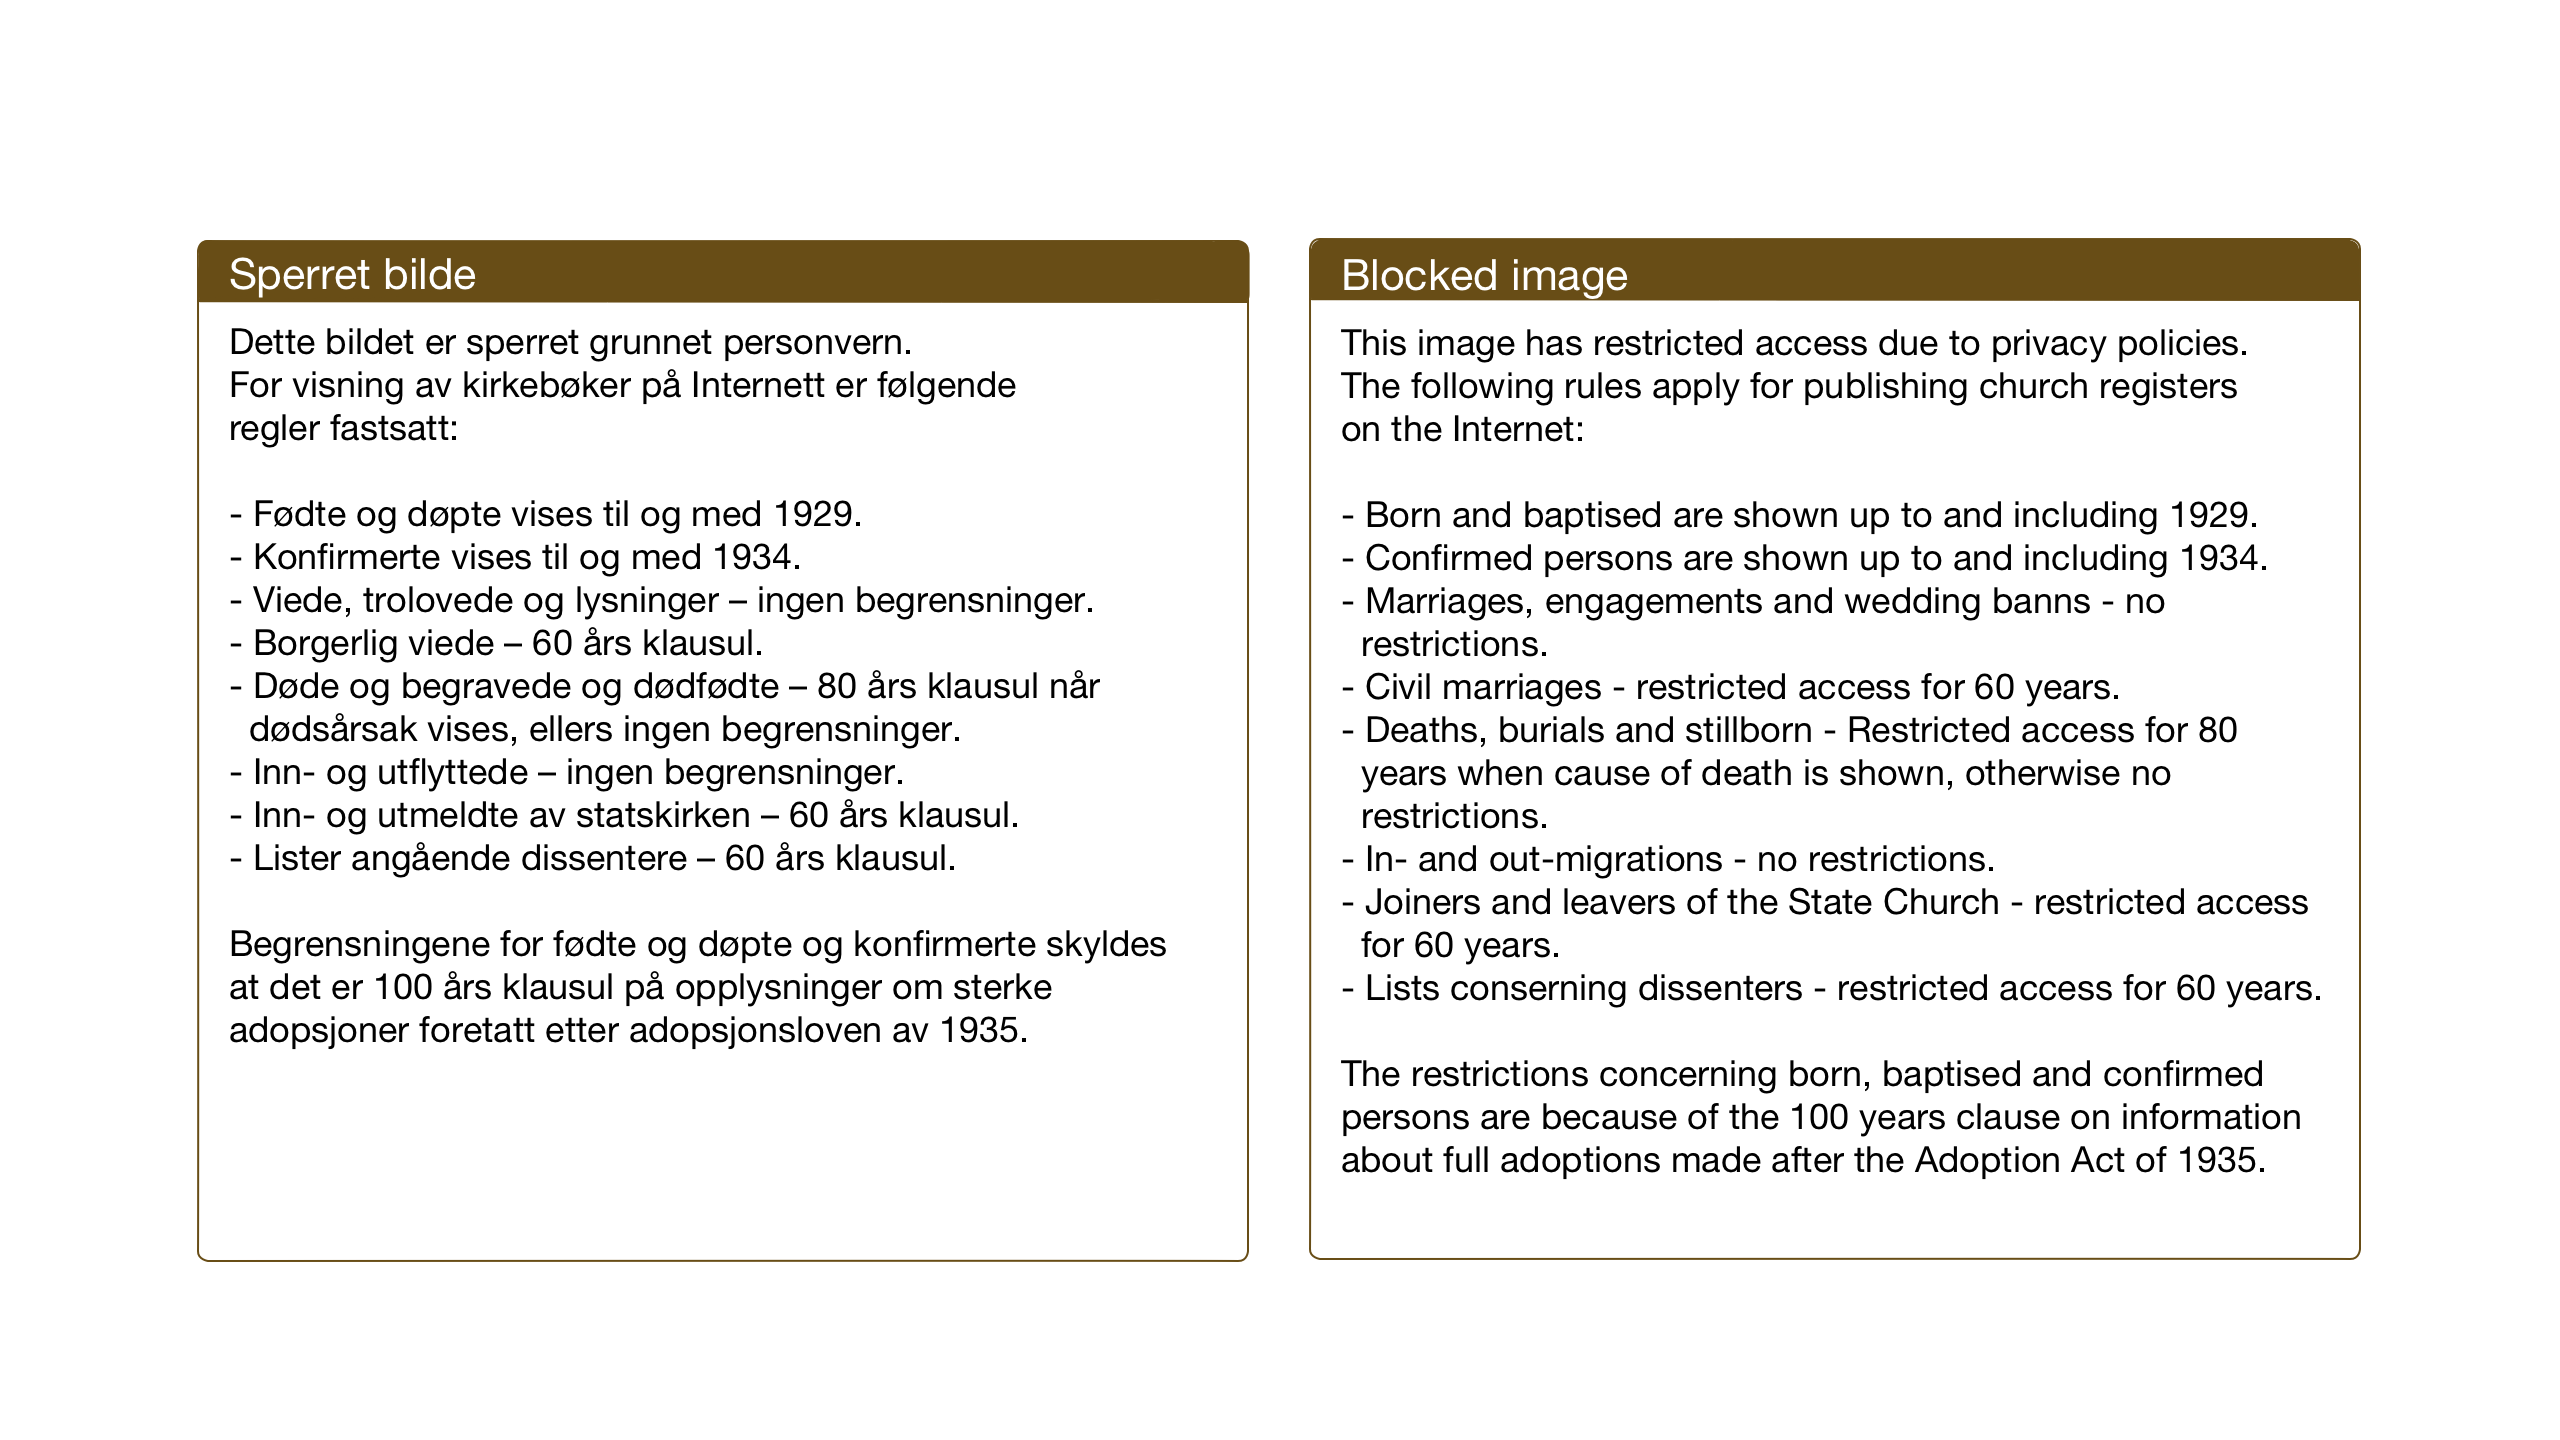 SAT, Ministerialprotokoller, klokkerbøker og fødselsregistre - Nord-Trøndelag, 755/L0500: Klokkerbok nr. 755C01, 1920-1962, s. 109